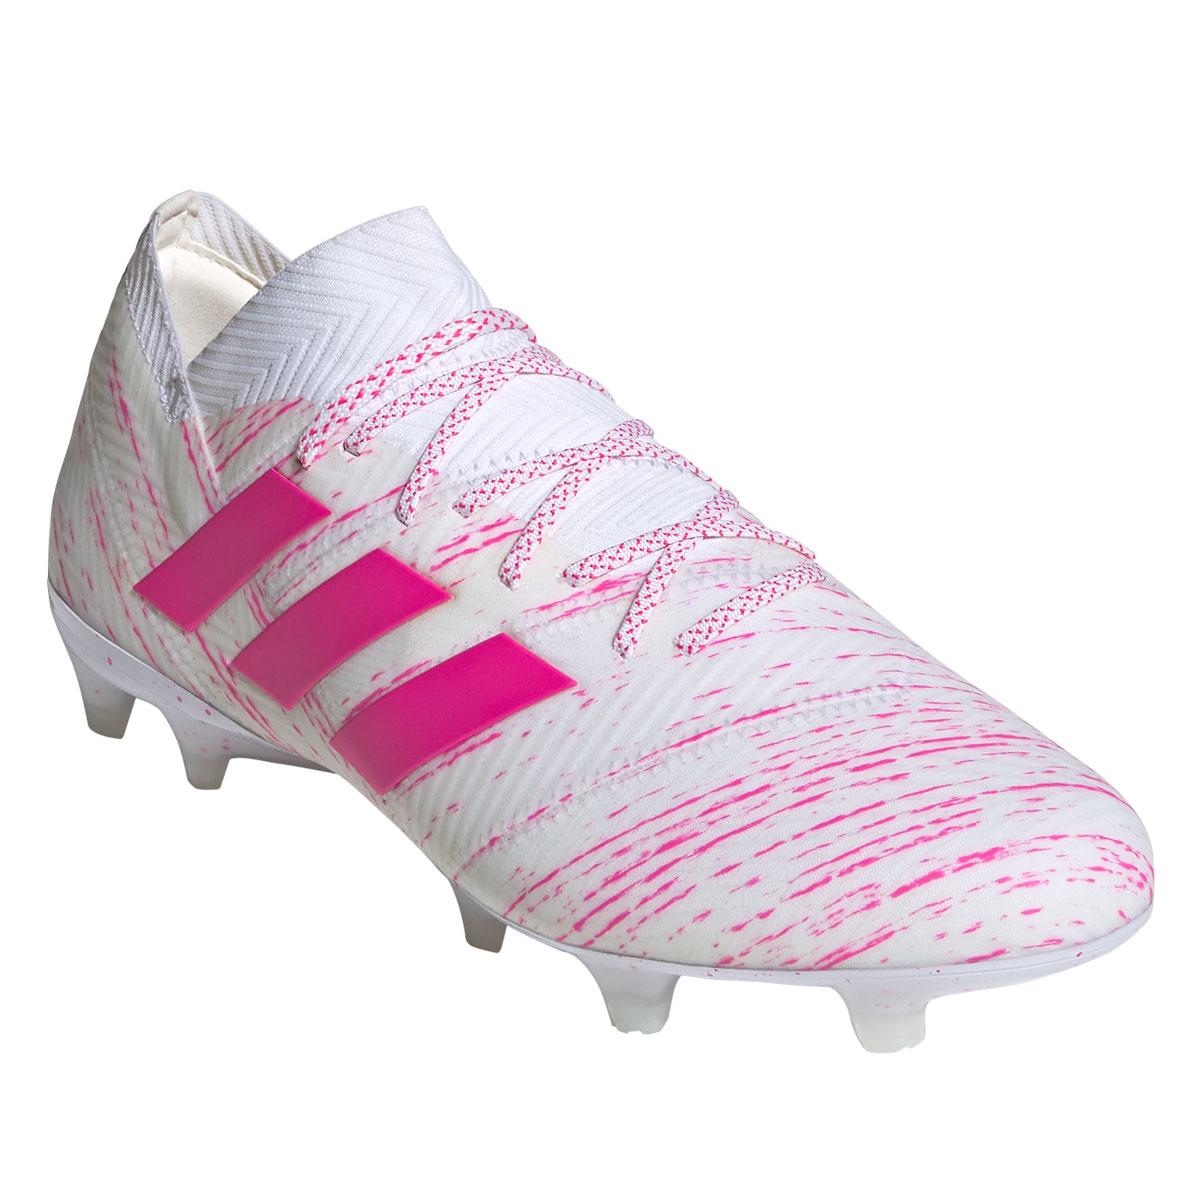 adidas fußballschuhe leder weiß